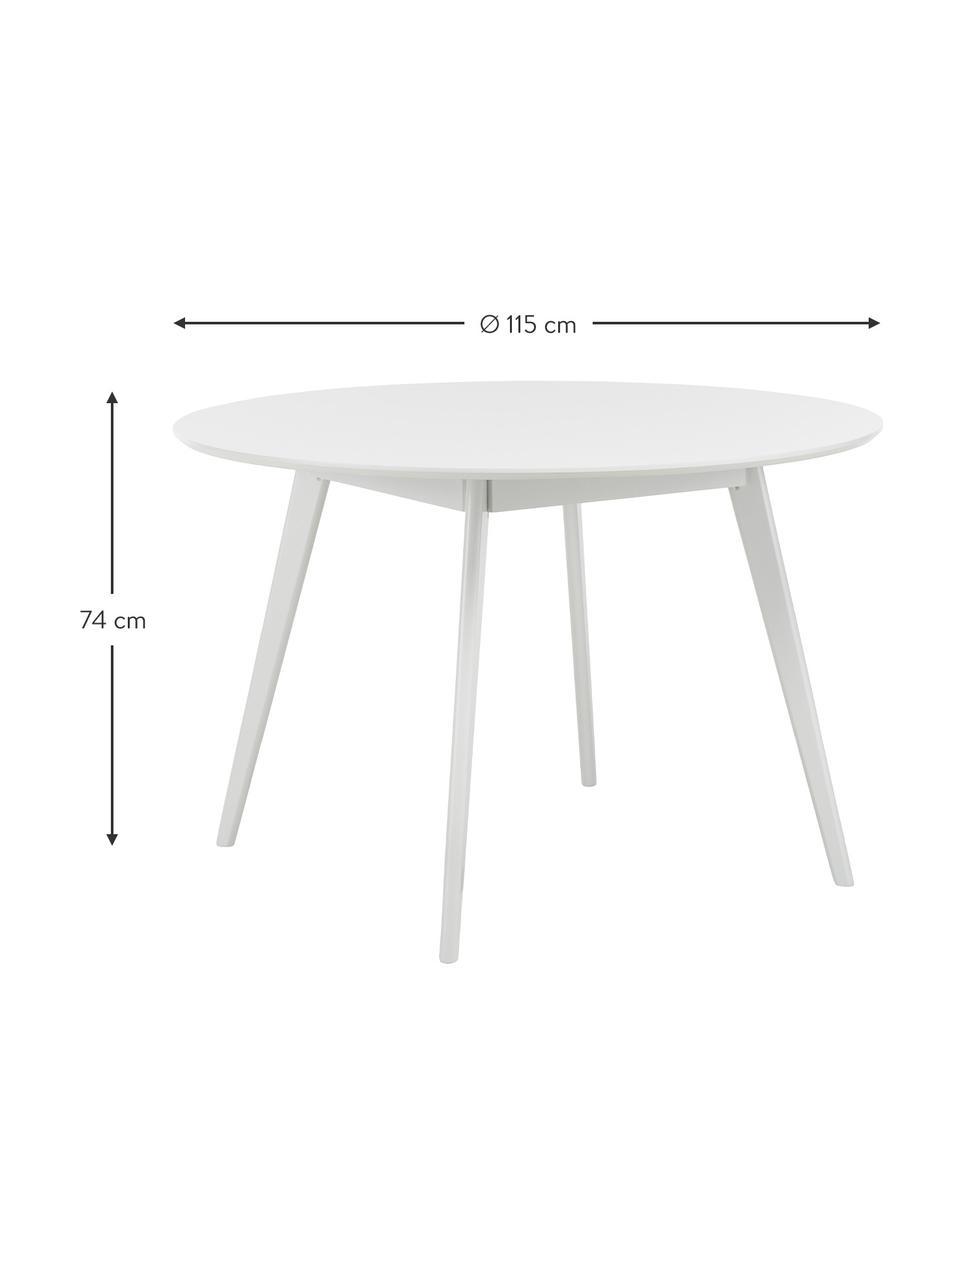 Tavolo rotondo in legno Yumi, Ø 115 cm, Gambe: legno massiccio di albero, Bianco, Ø 115 x Alt. 74 cm